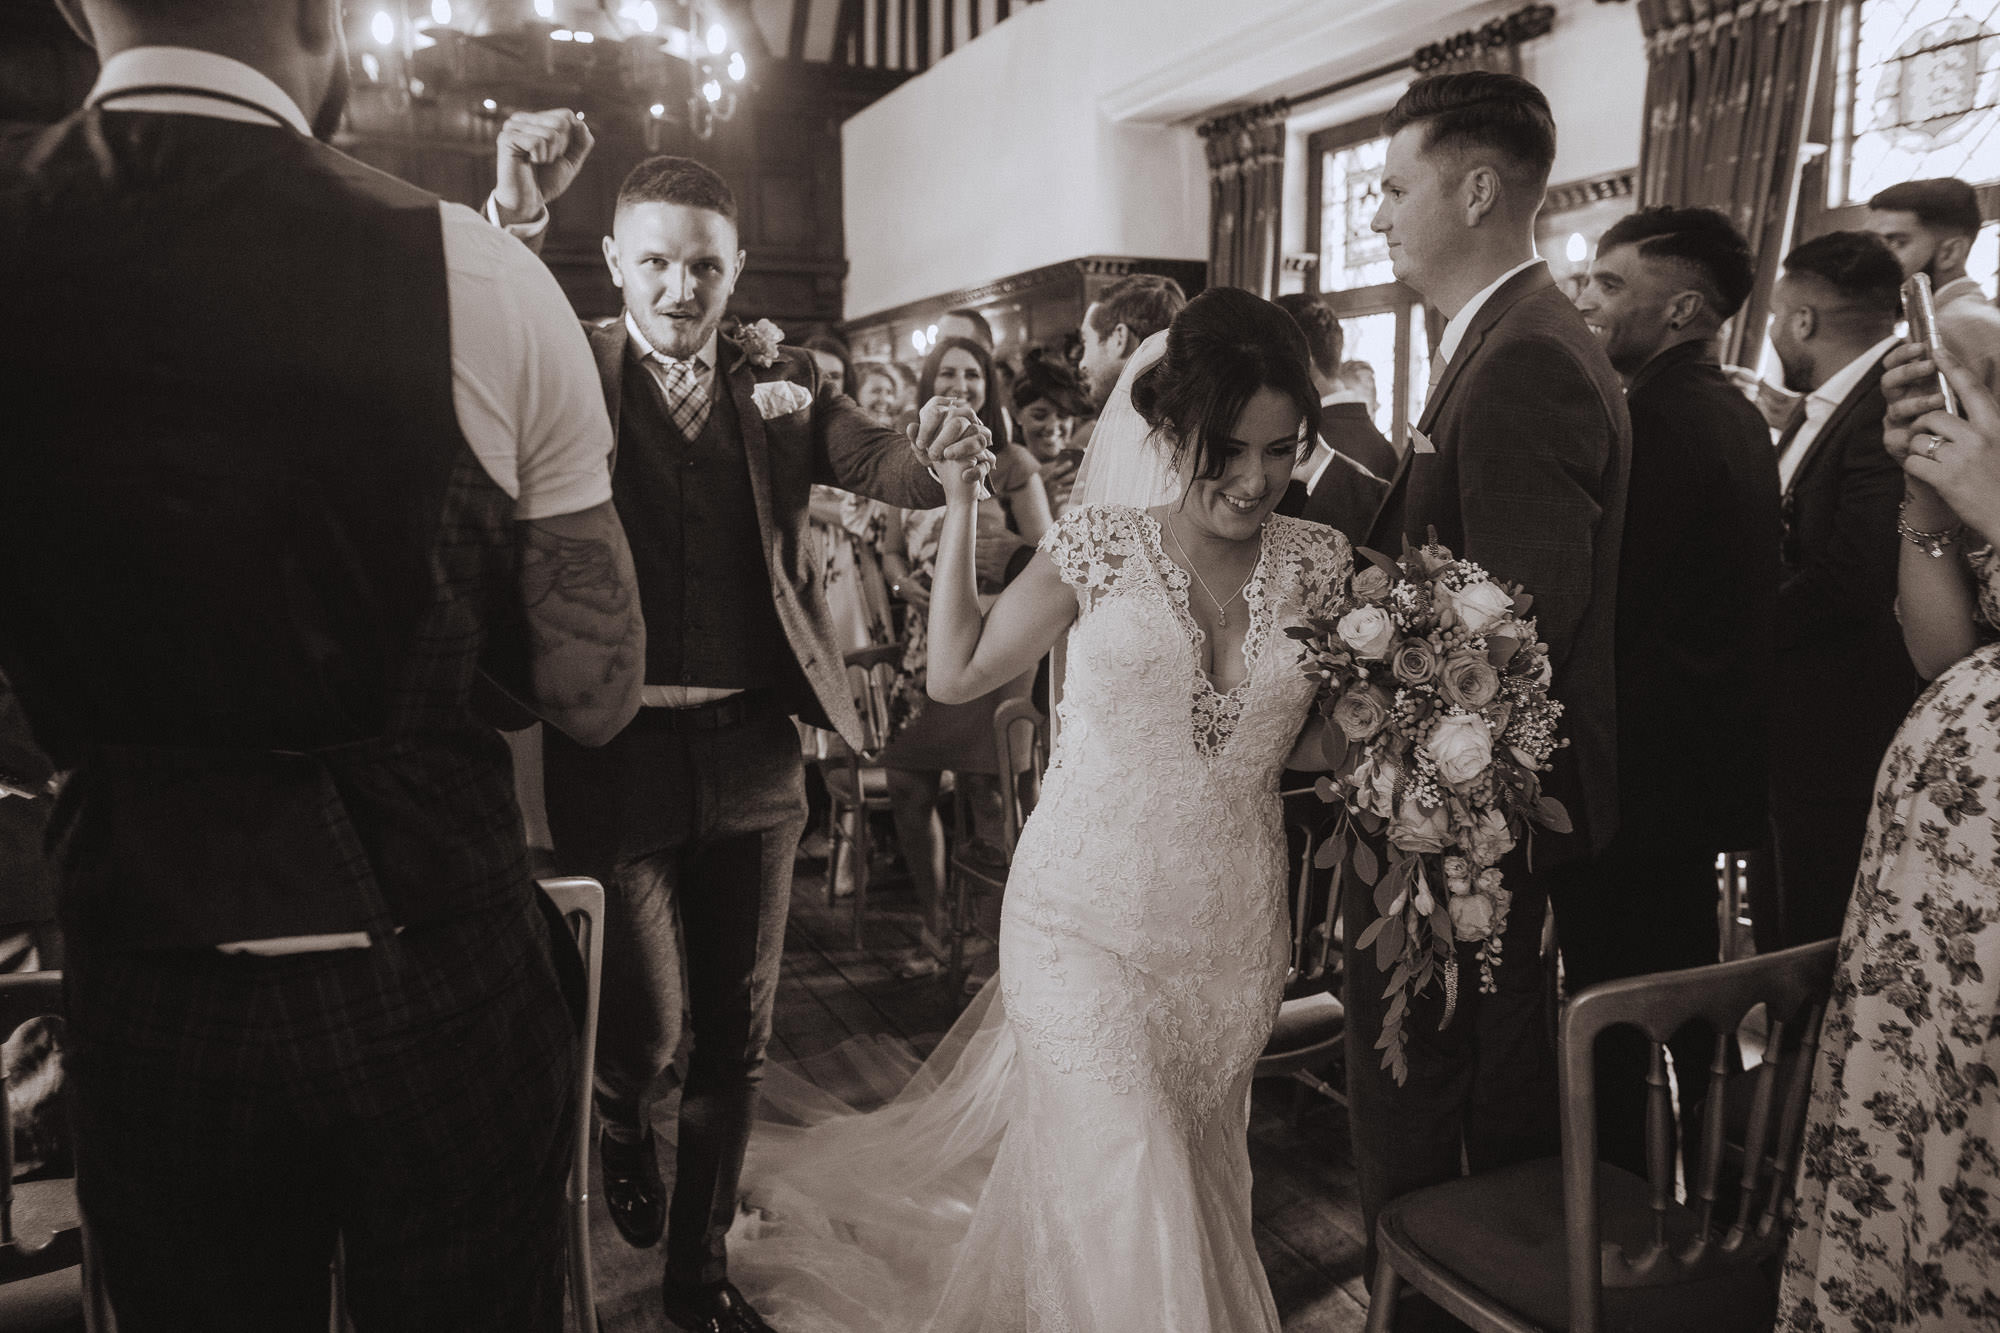 Groombridge-place-wedding-photography-38.jpg